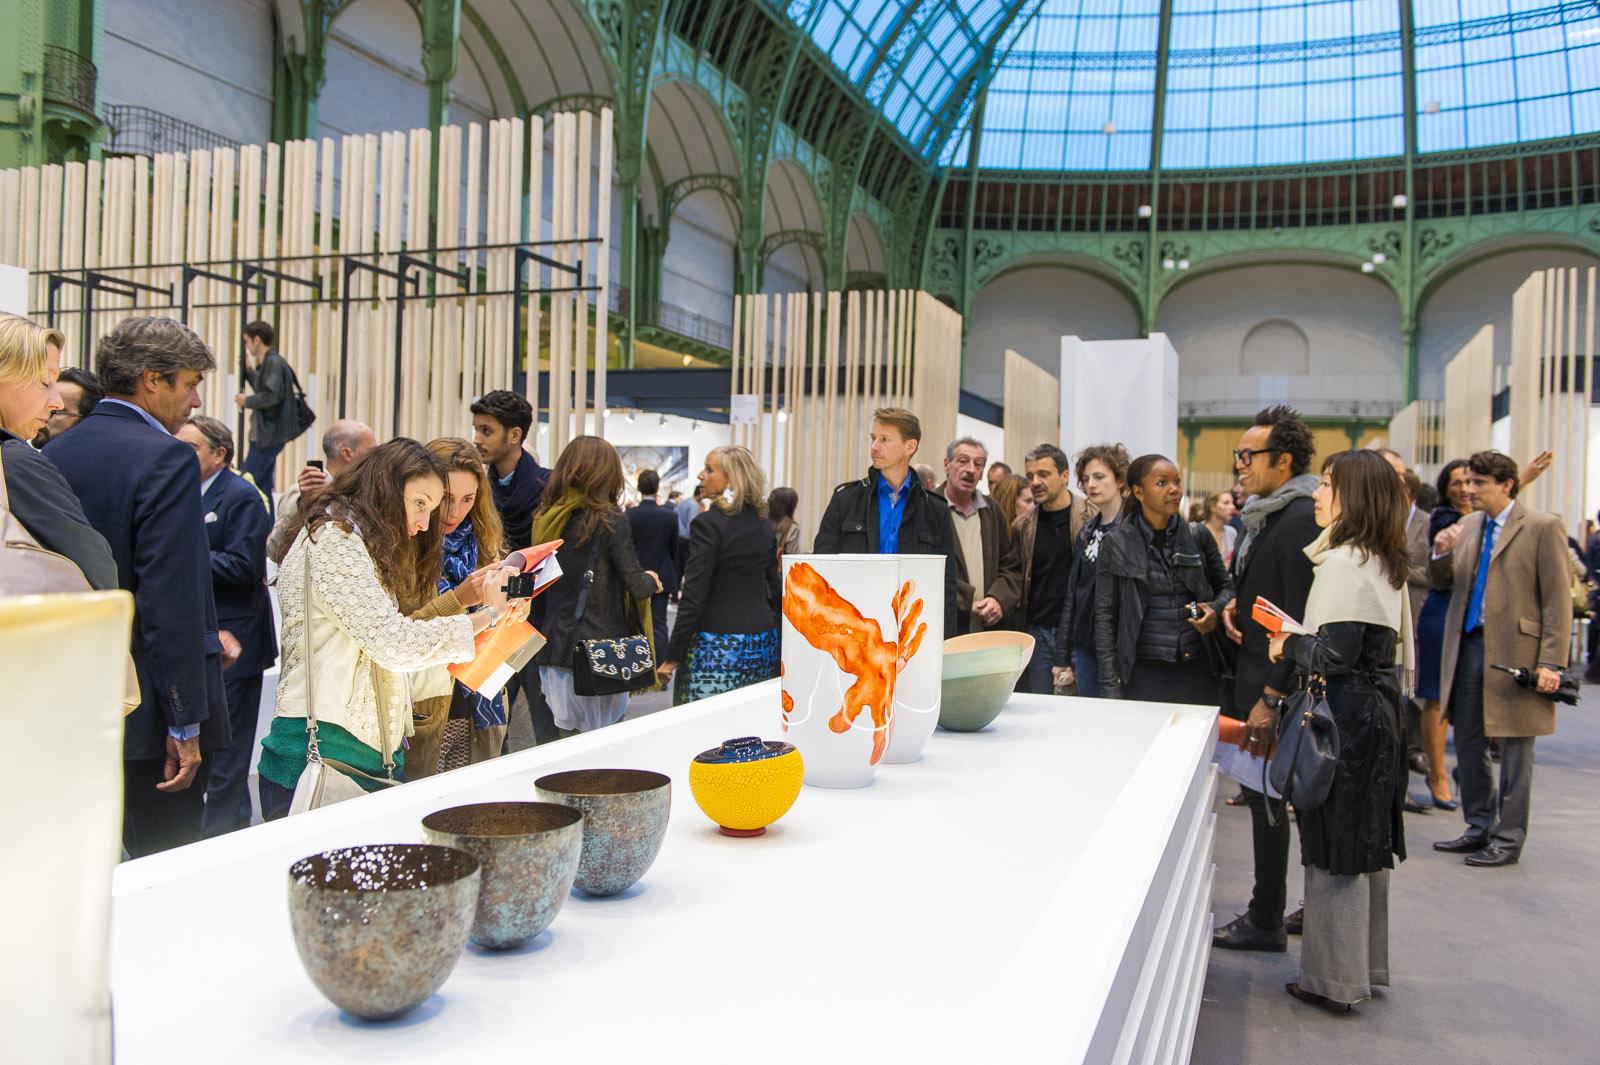 Выставка Révélations открылась сегодня в Париже | галерея [1] фото [1]